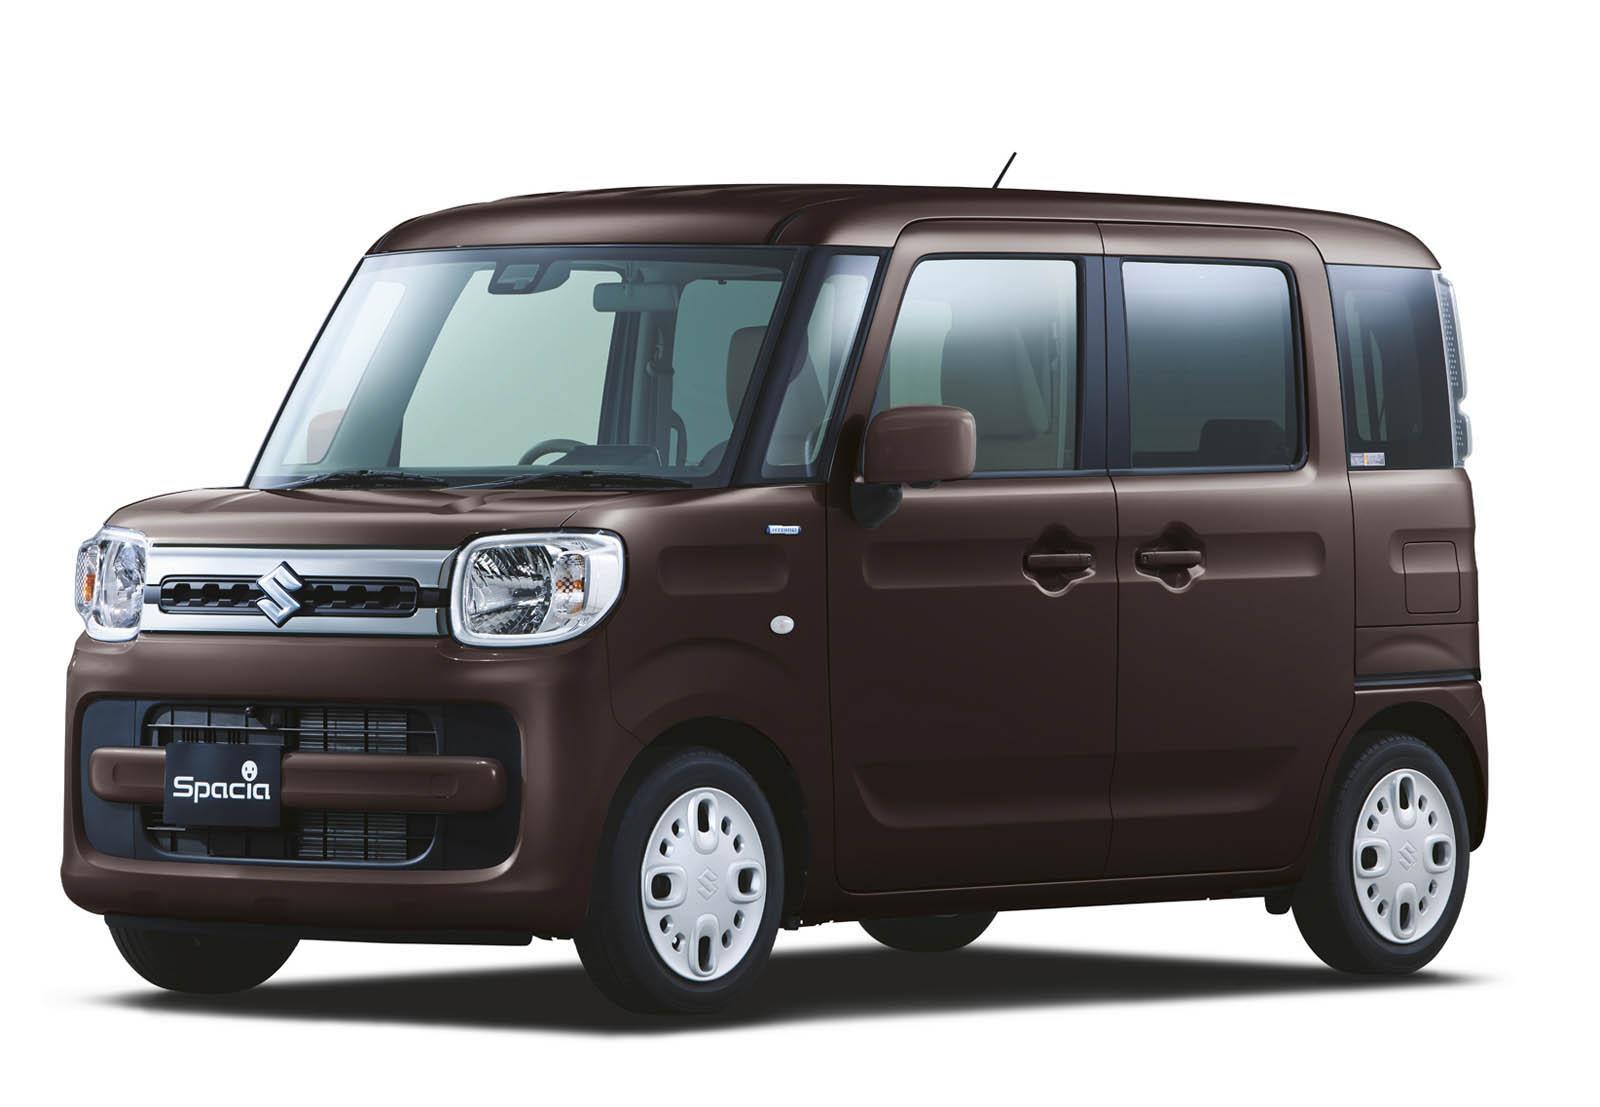 Suzuki Spacia 2018 (14)